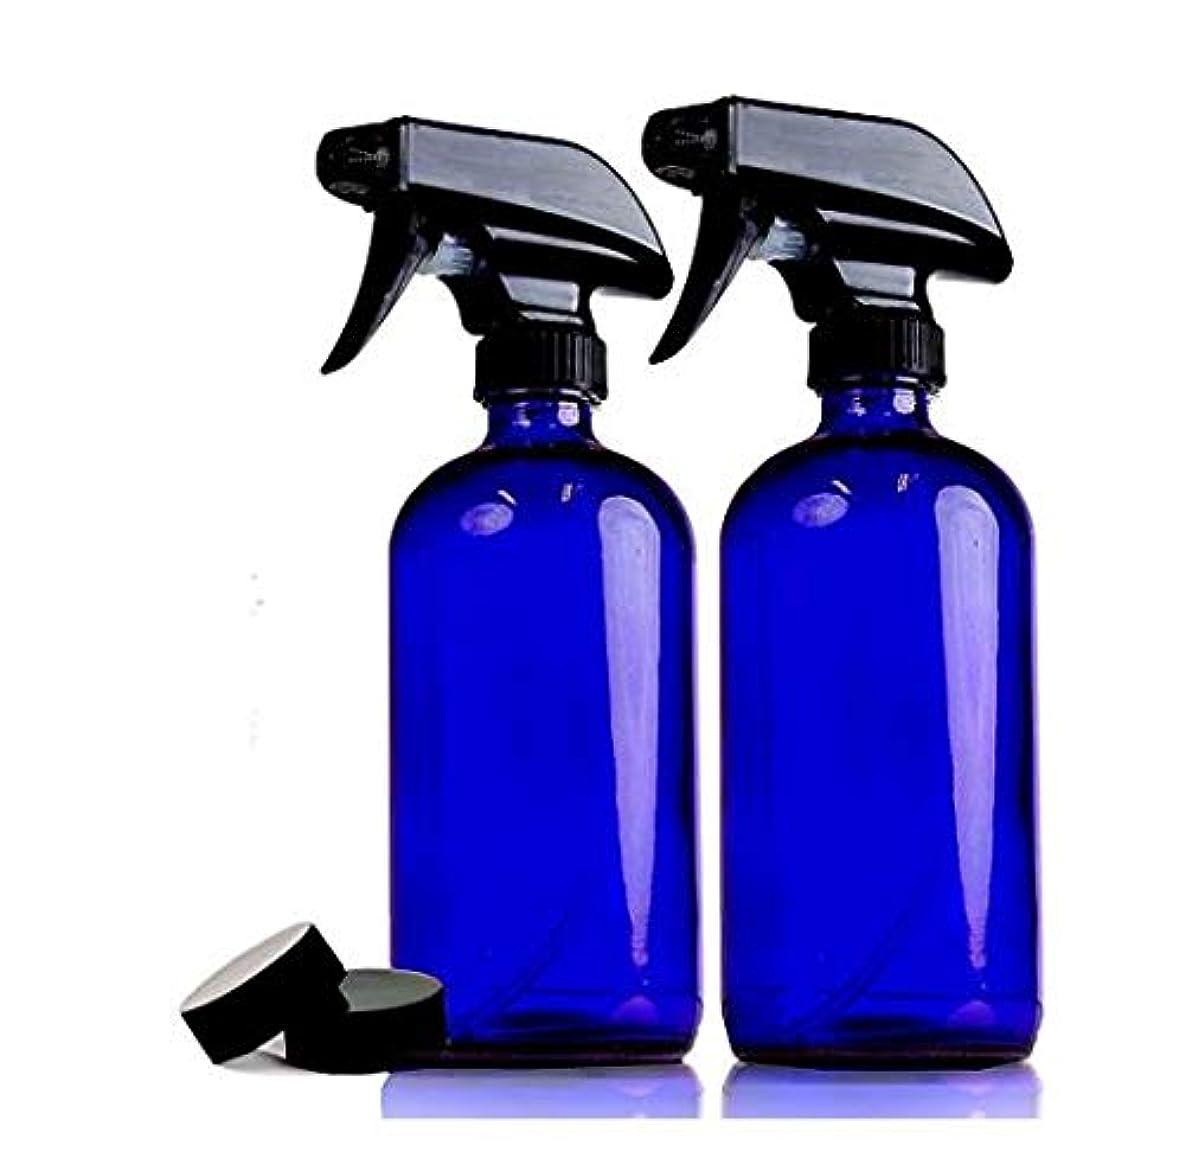 アーティファクト駅人気の2本セット 遮光瓶 コバルトブルー ガラス スプレー ボトル 470ml 青ボトル [並行輸入品]